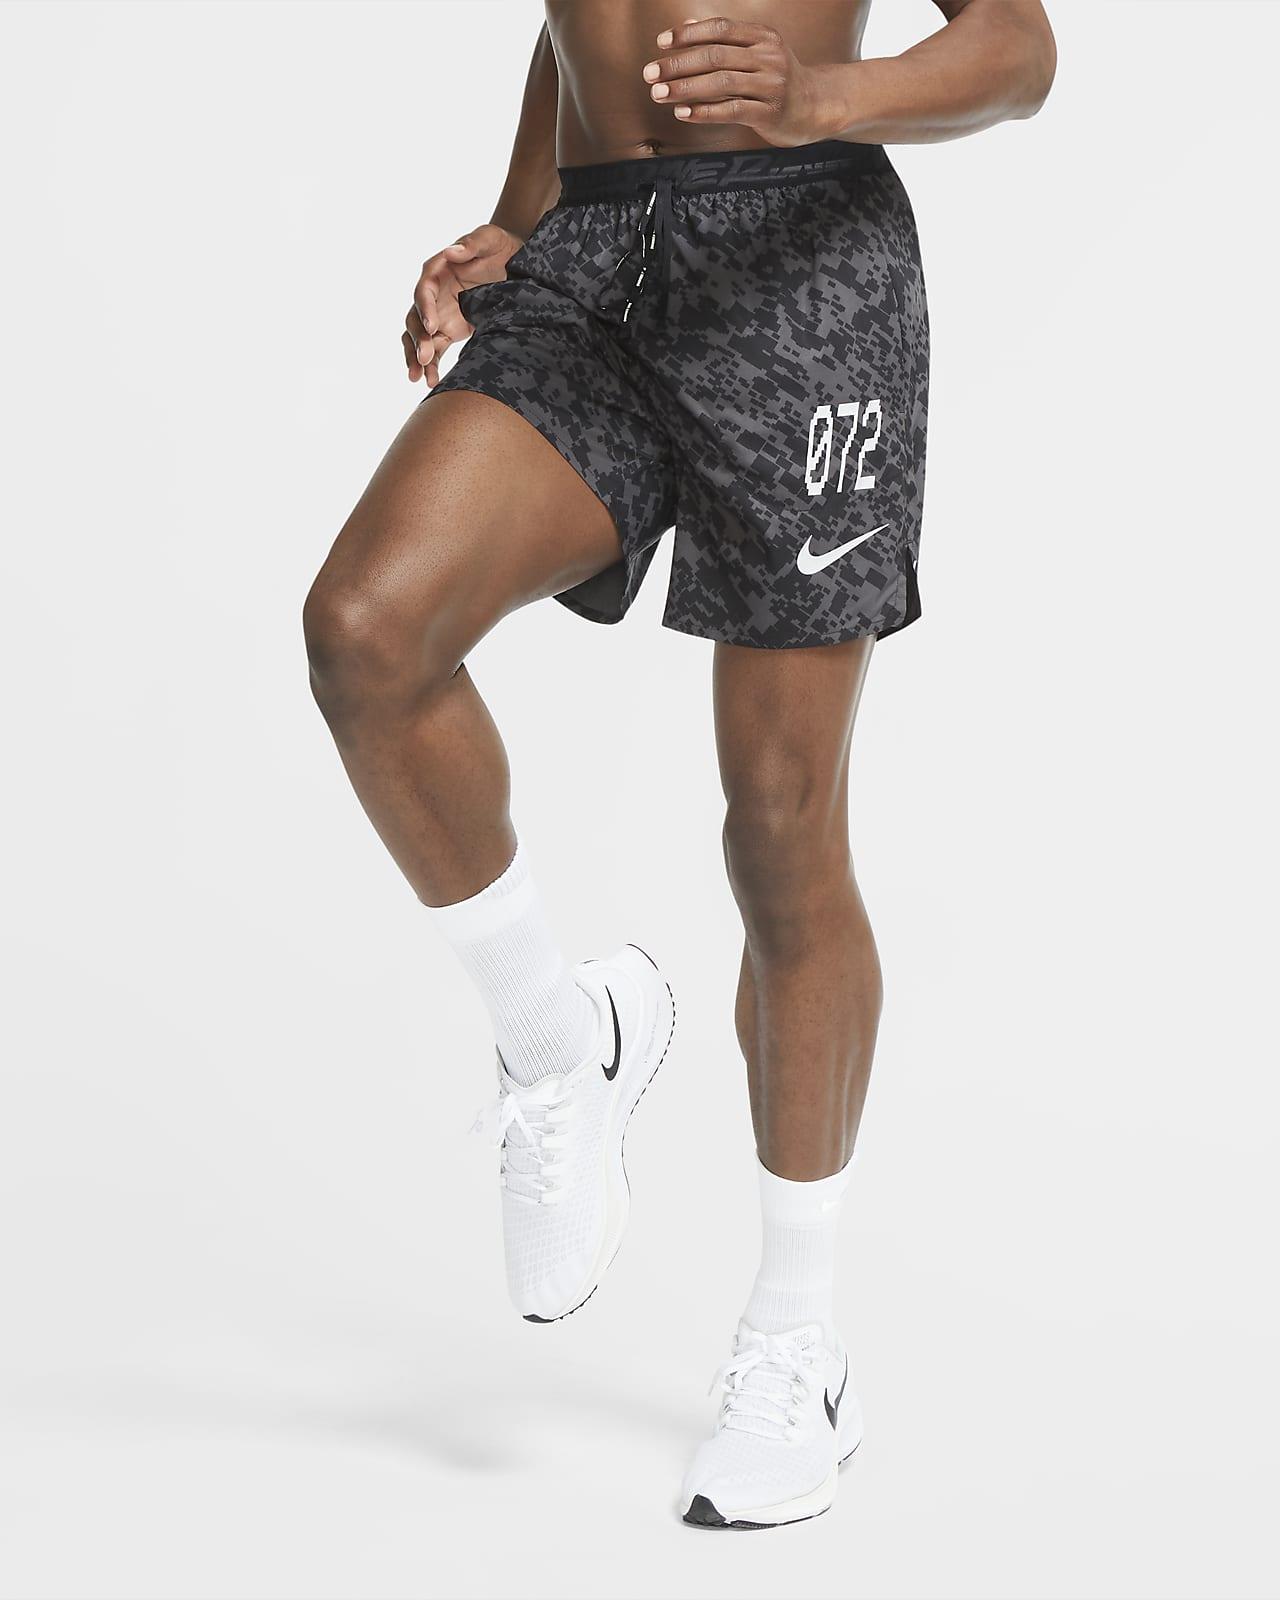 กางเกงวิ่งขาสั้นไม่มีซับในผู้ชาย Nike Stride Wild Run